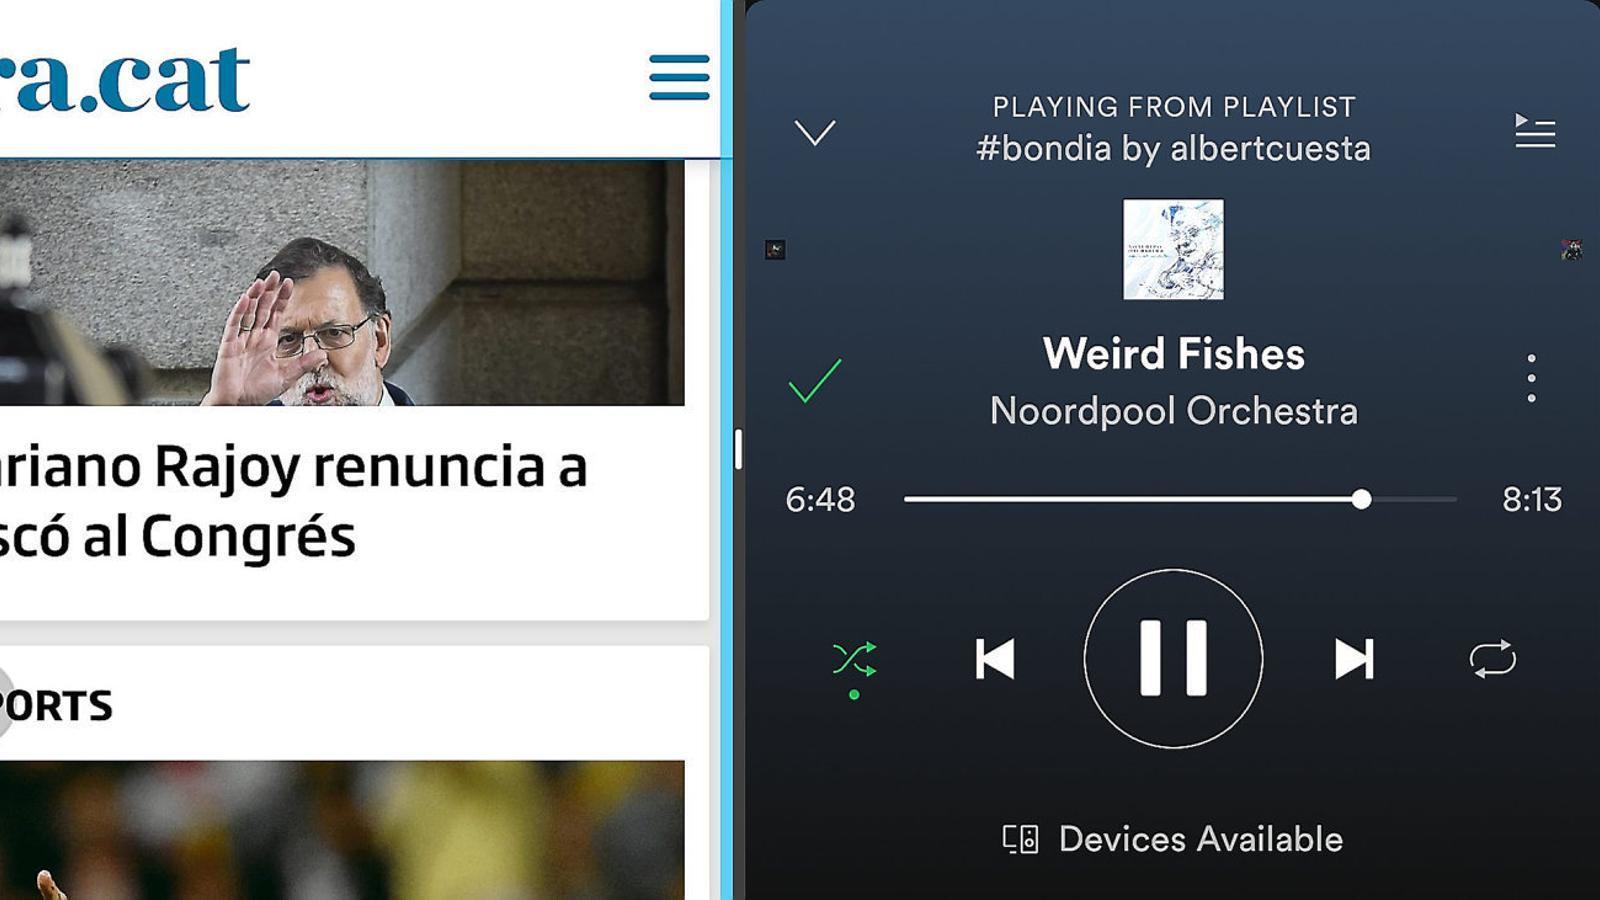 Deu trucs d'Android que potser no sabies